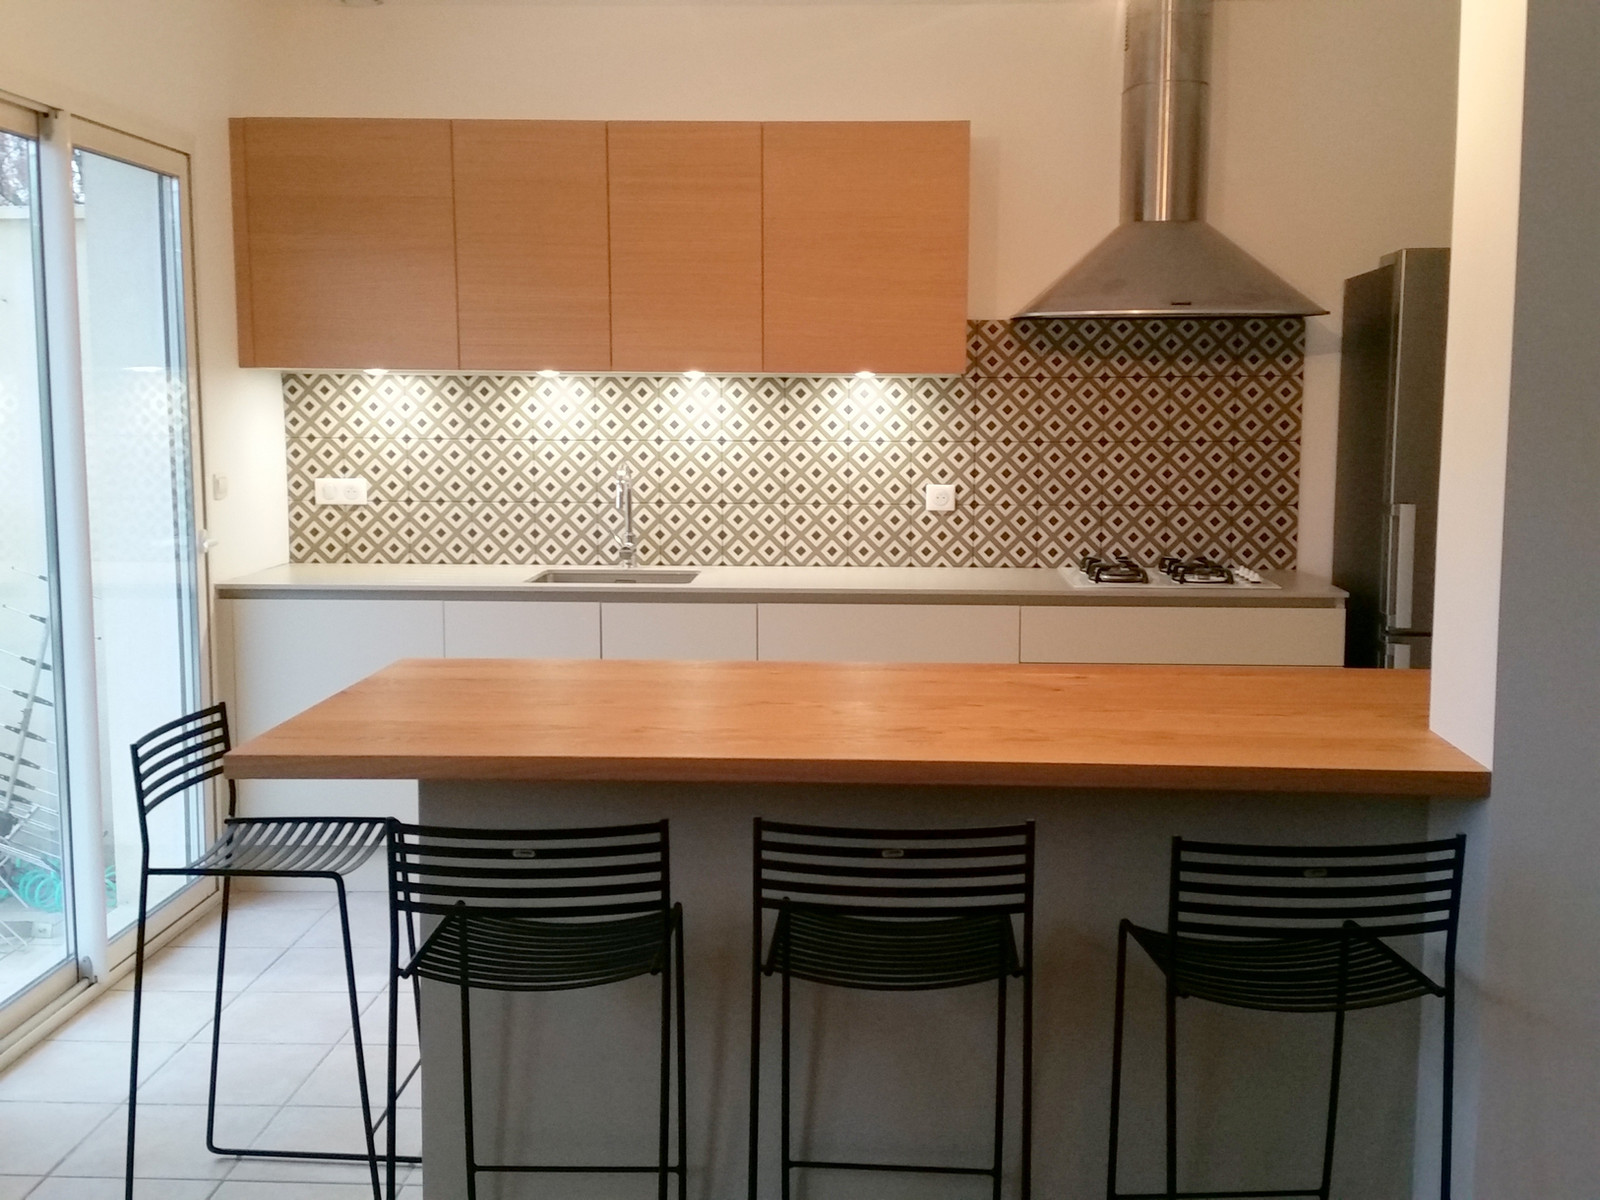 b m architecte d 39 int rieur bordeaux r novation. Black Bedroom Furniture Sets. Home Design Ideas